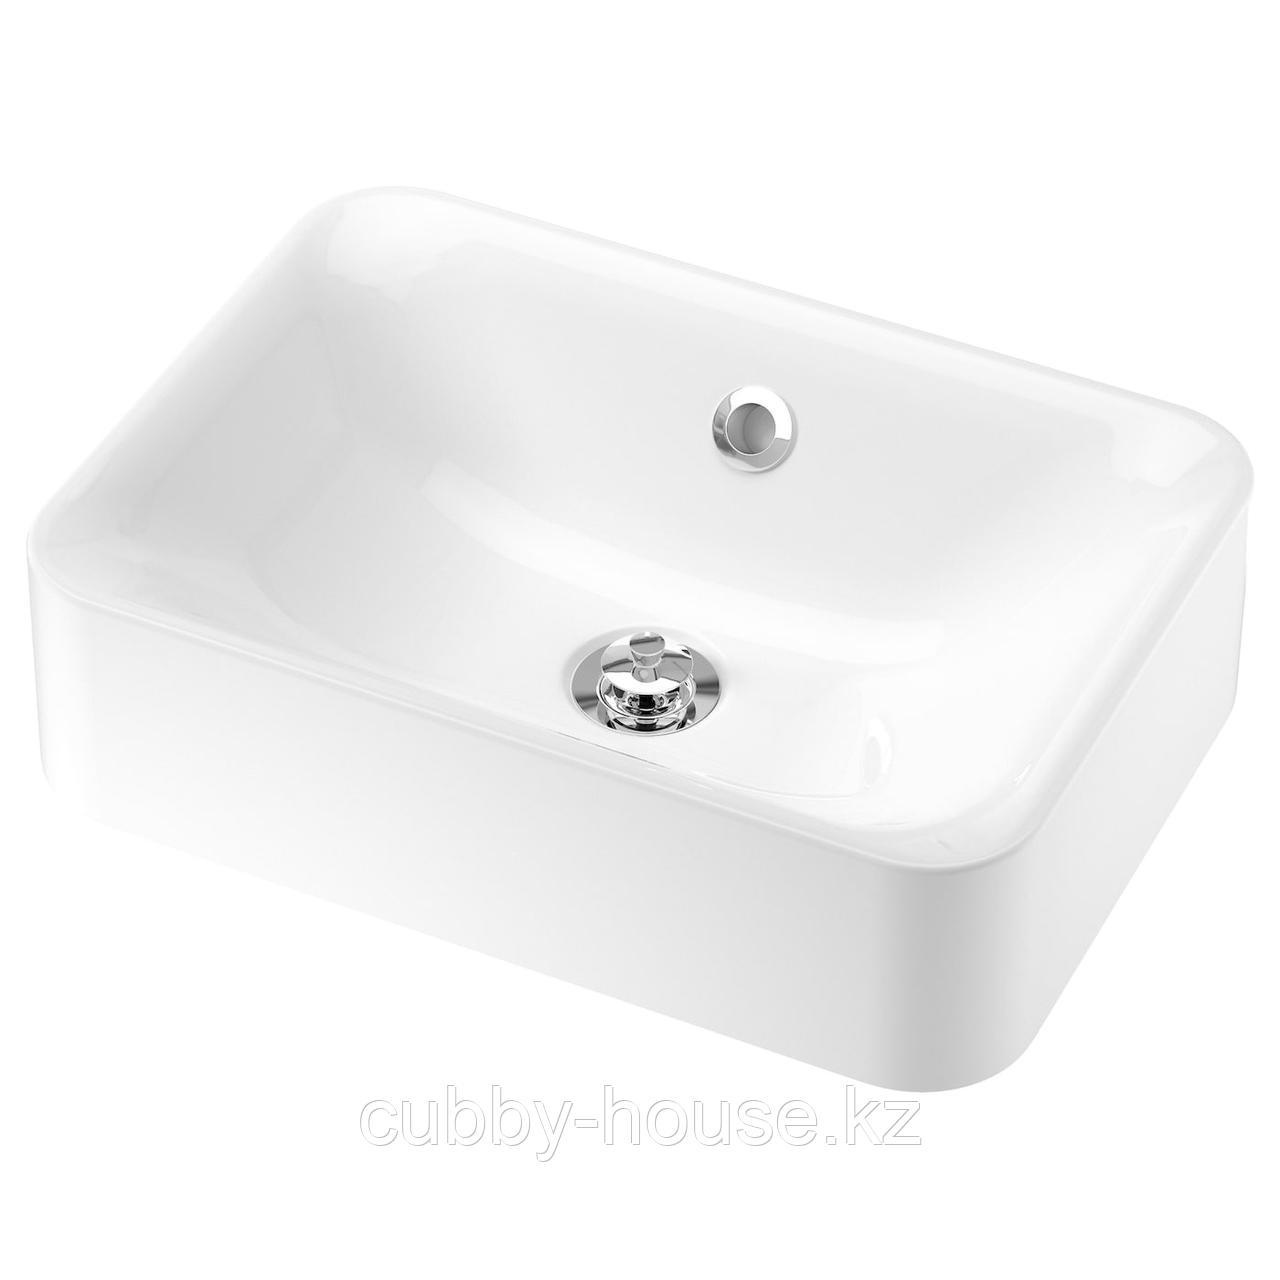 ХОРВИК Накладная раковина, белый, 45x32 см